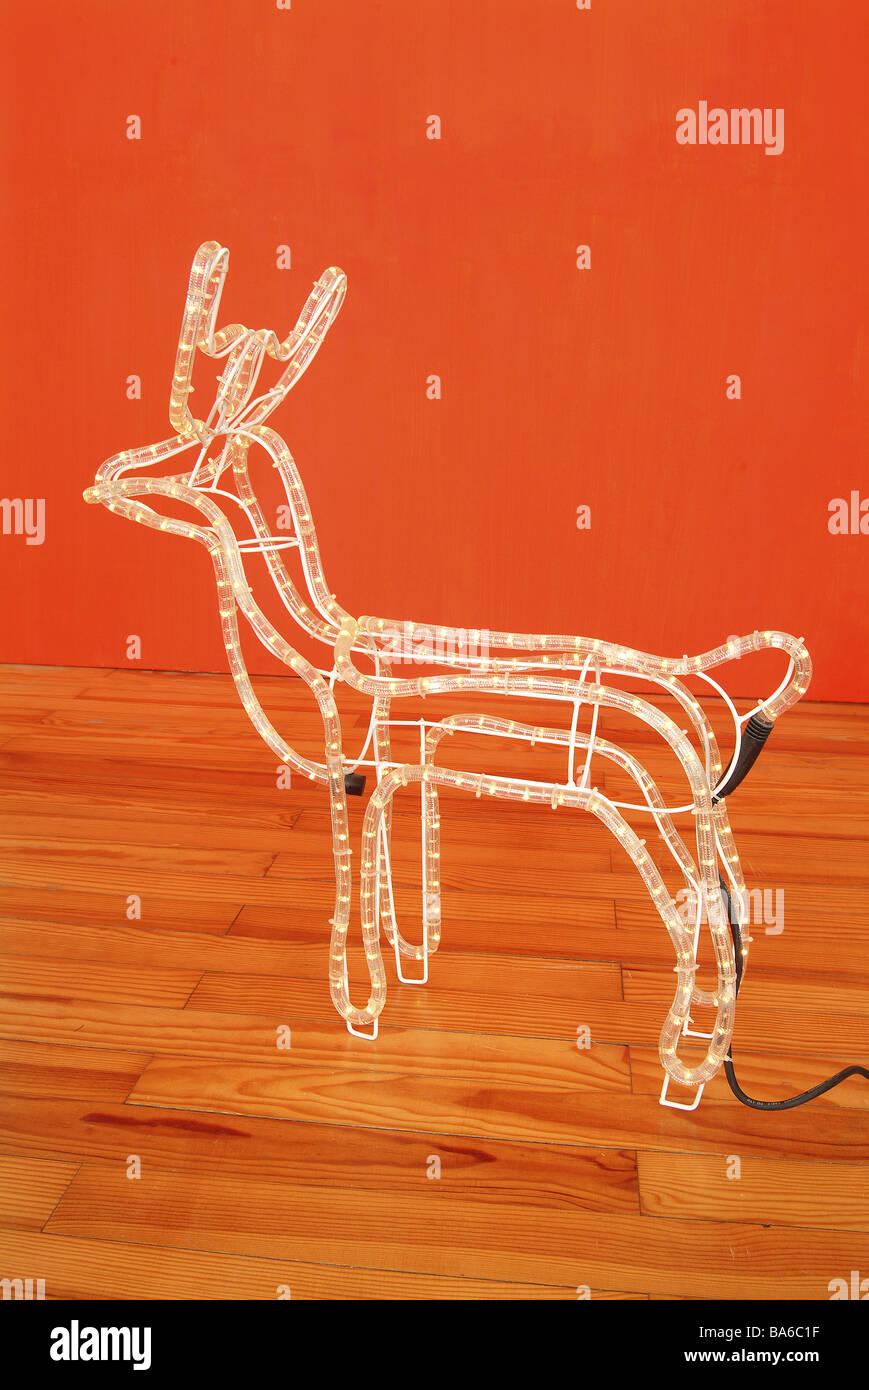 Weihnachts Lichterkette Rentier Advent Holz Boden Weich Nacht